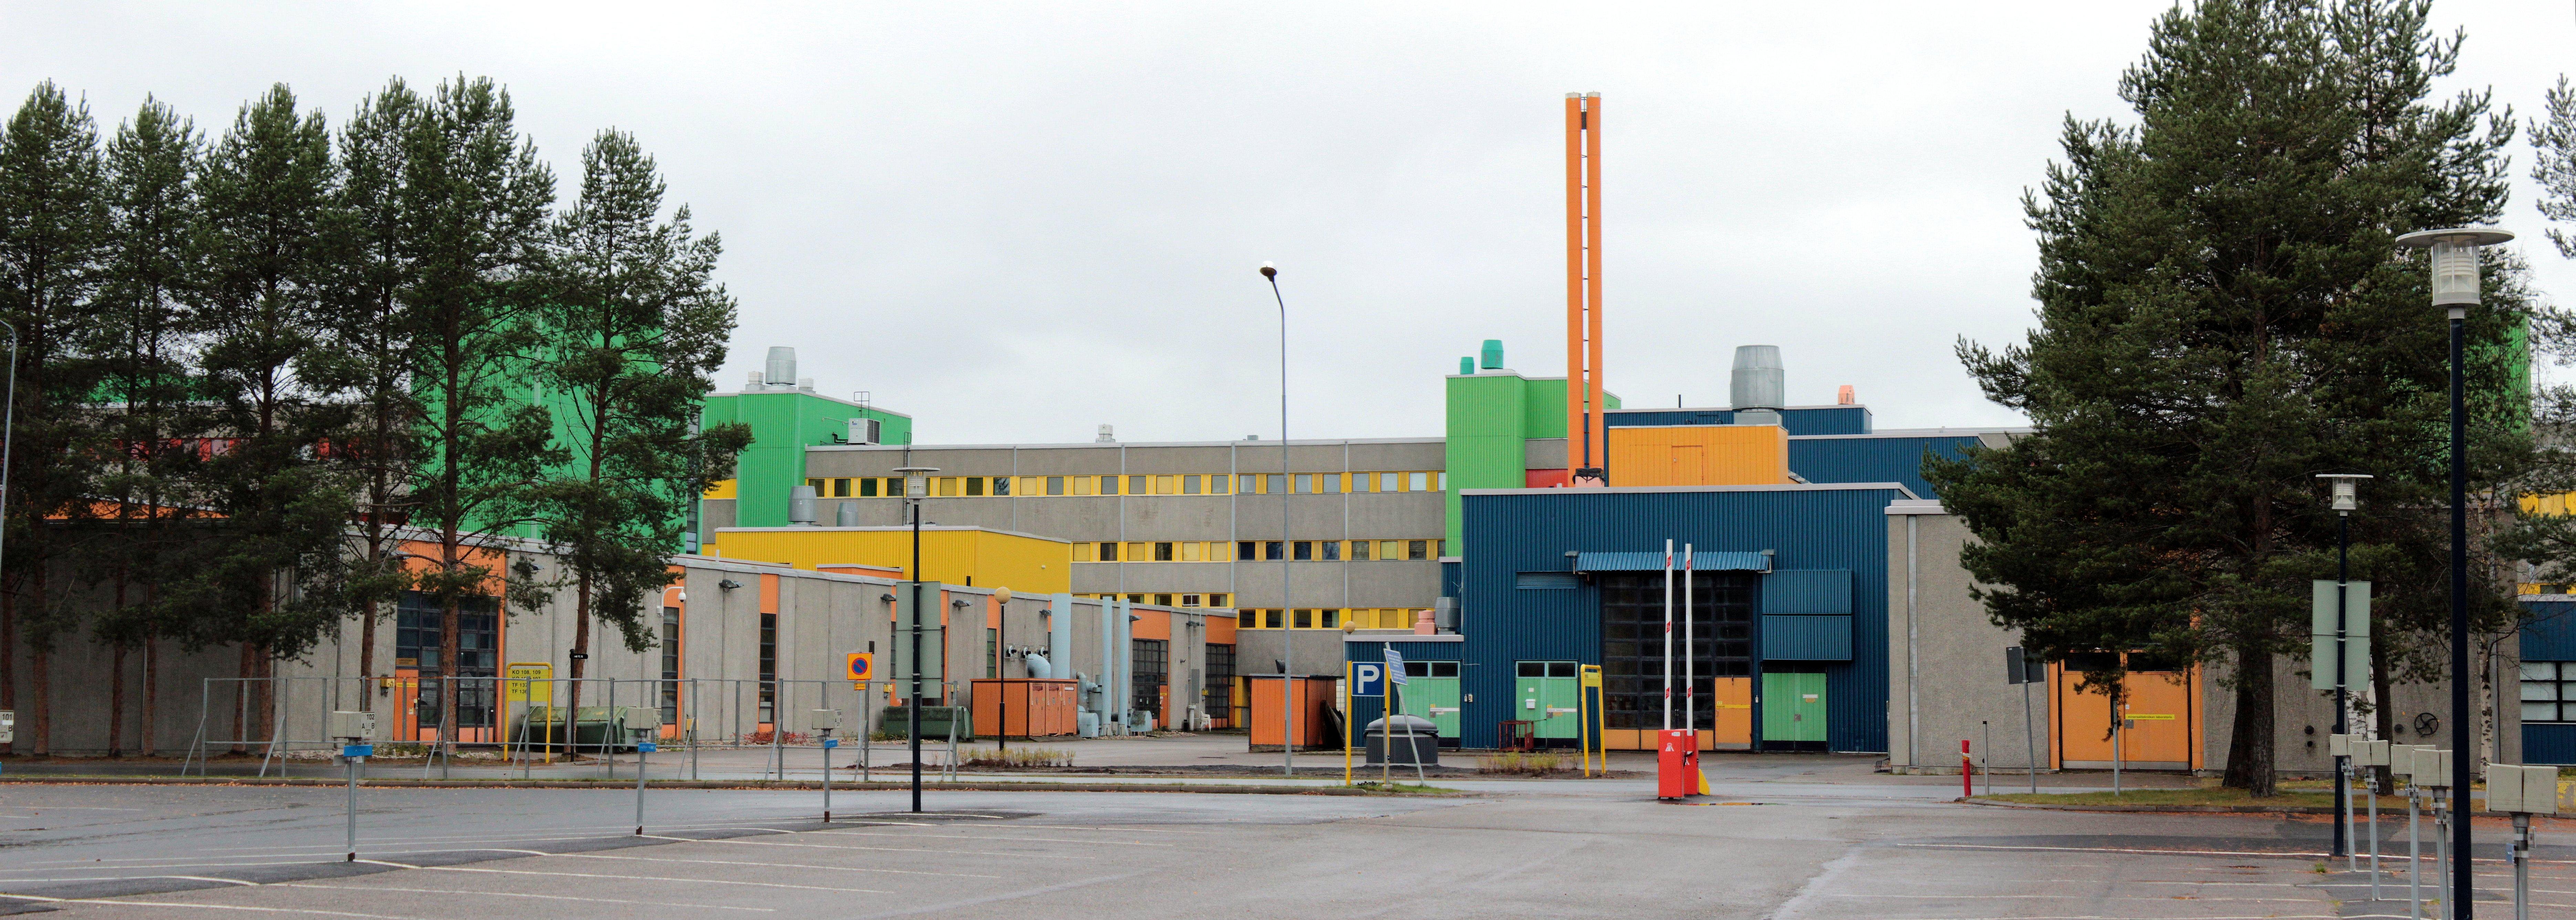 File:Linnanmaa University of Oulu 20121007.jpg - Wikimedia Commons